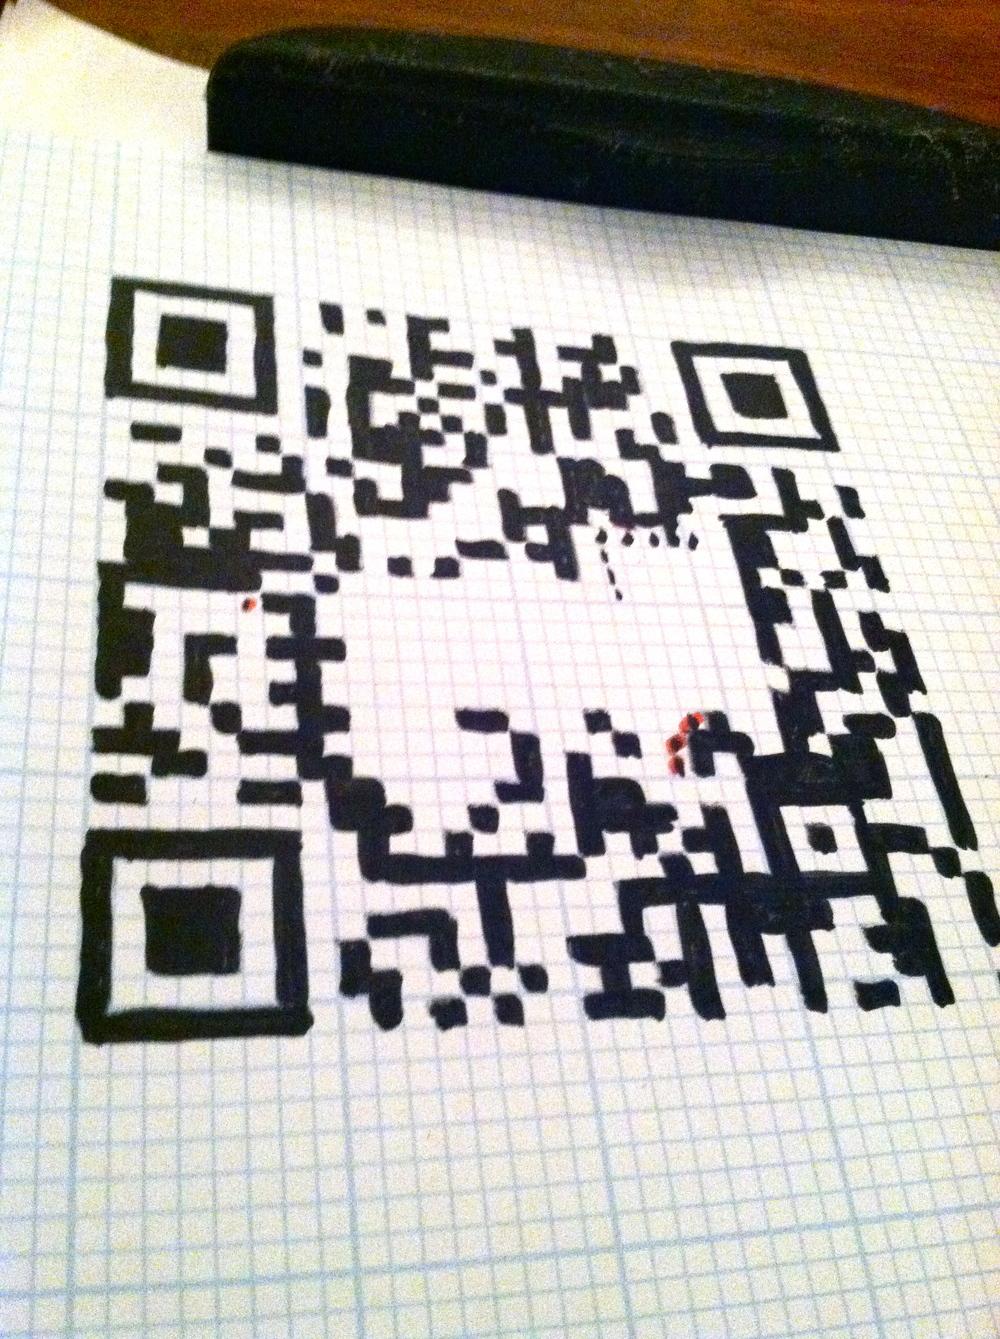 Hand copied QR code